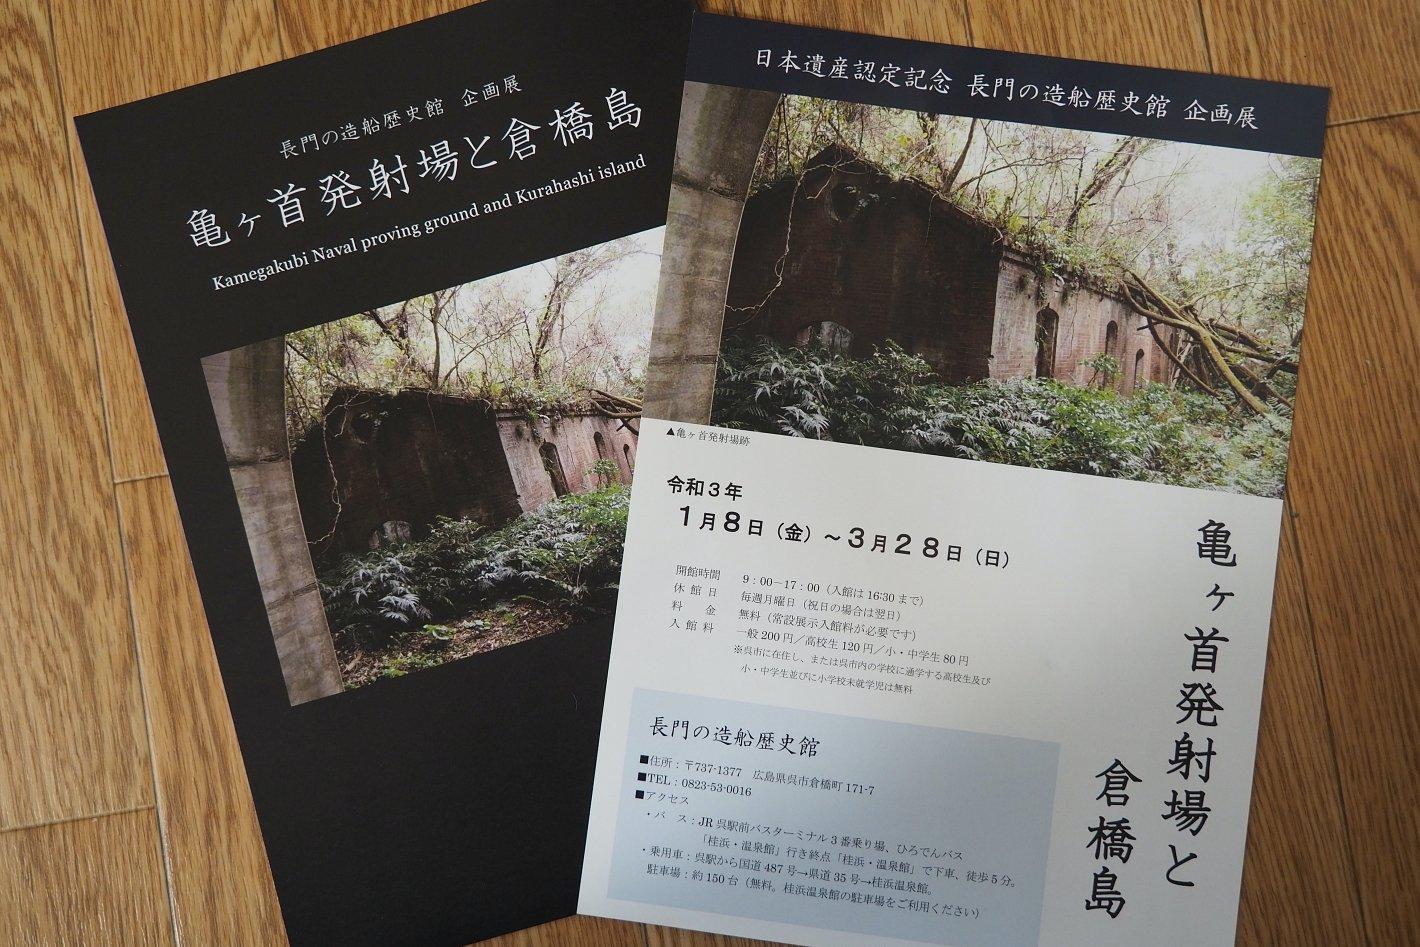 企画展 亀ヶ首発射場と倉橋島